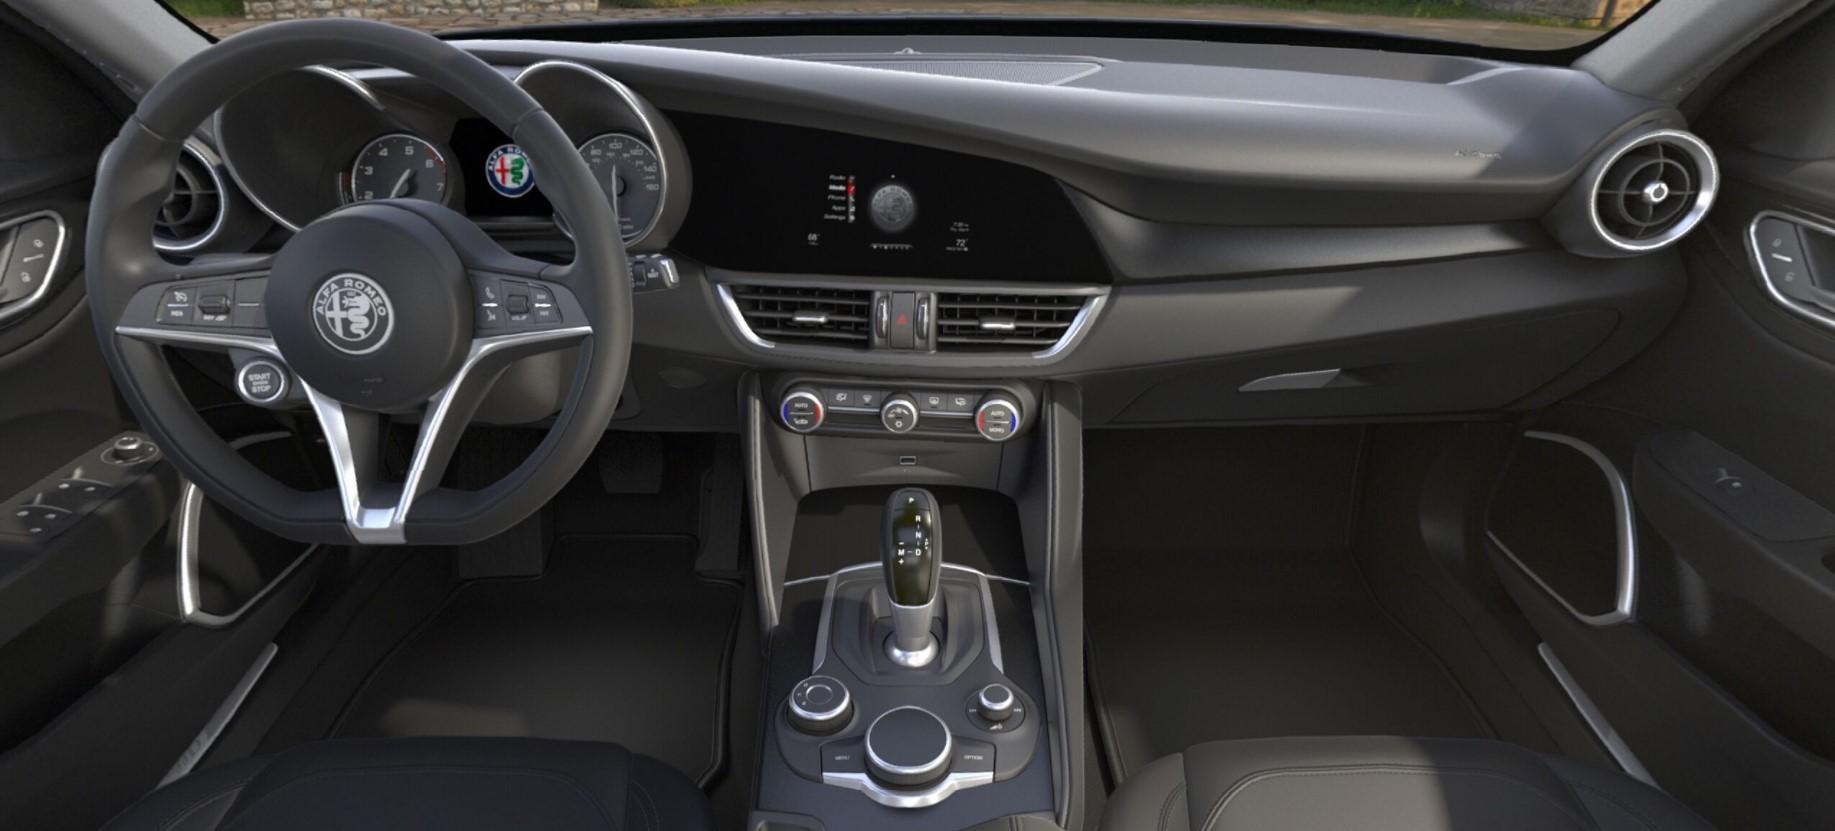 2018 Alfa Romeo Giulia Quadrifoglio RWD Dashboard Interior